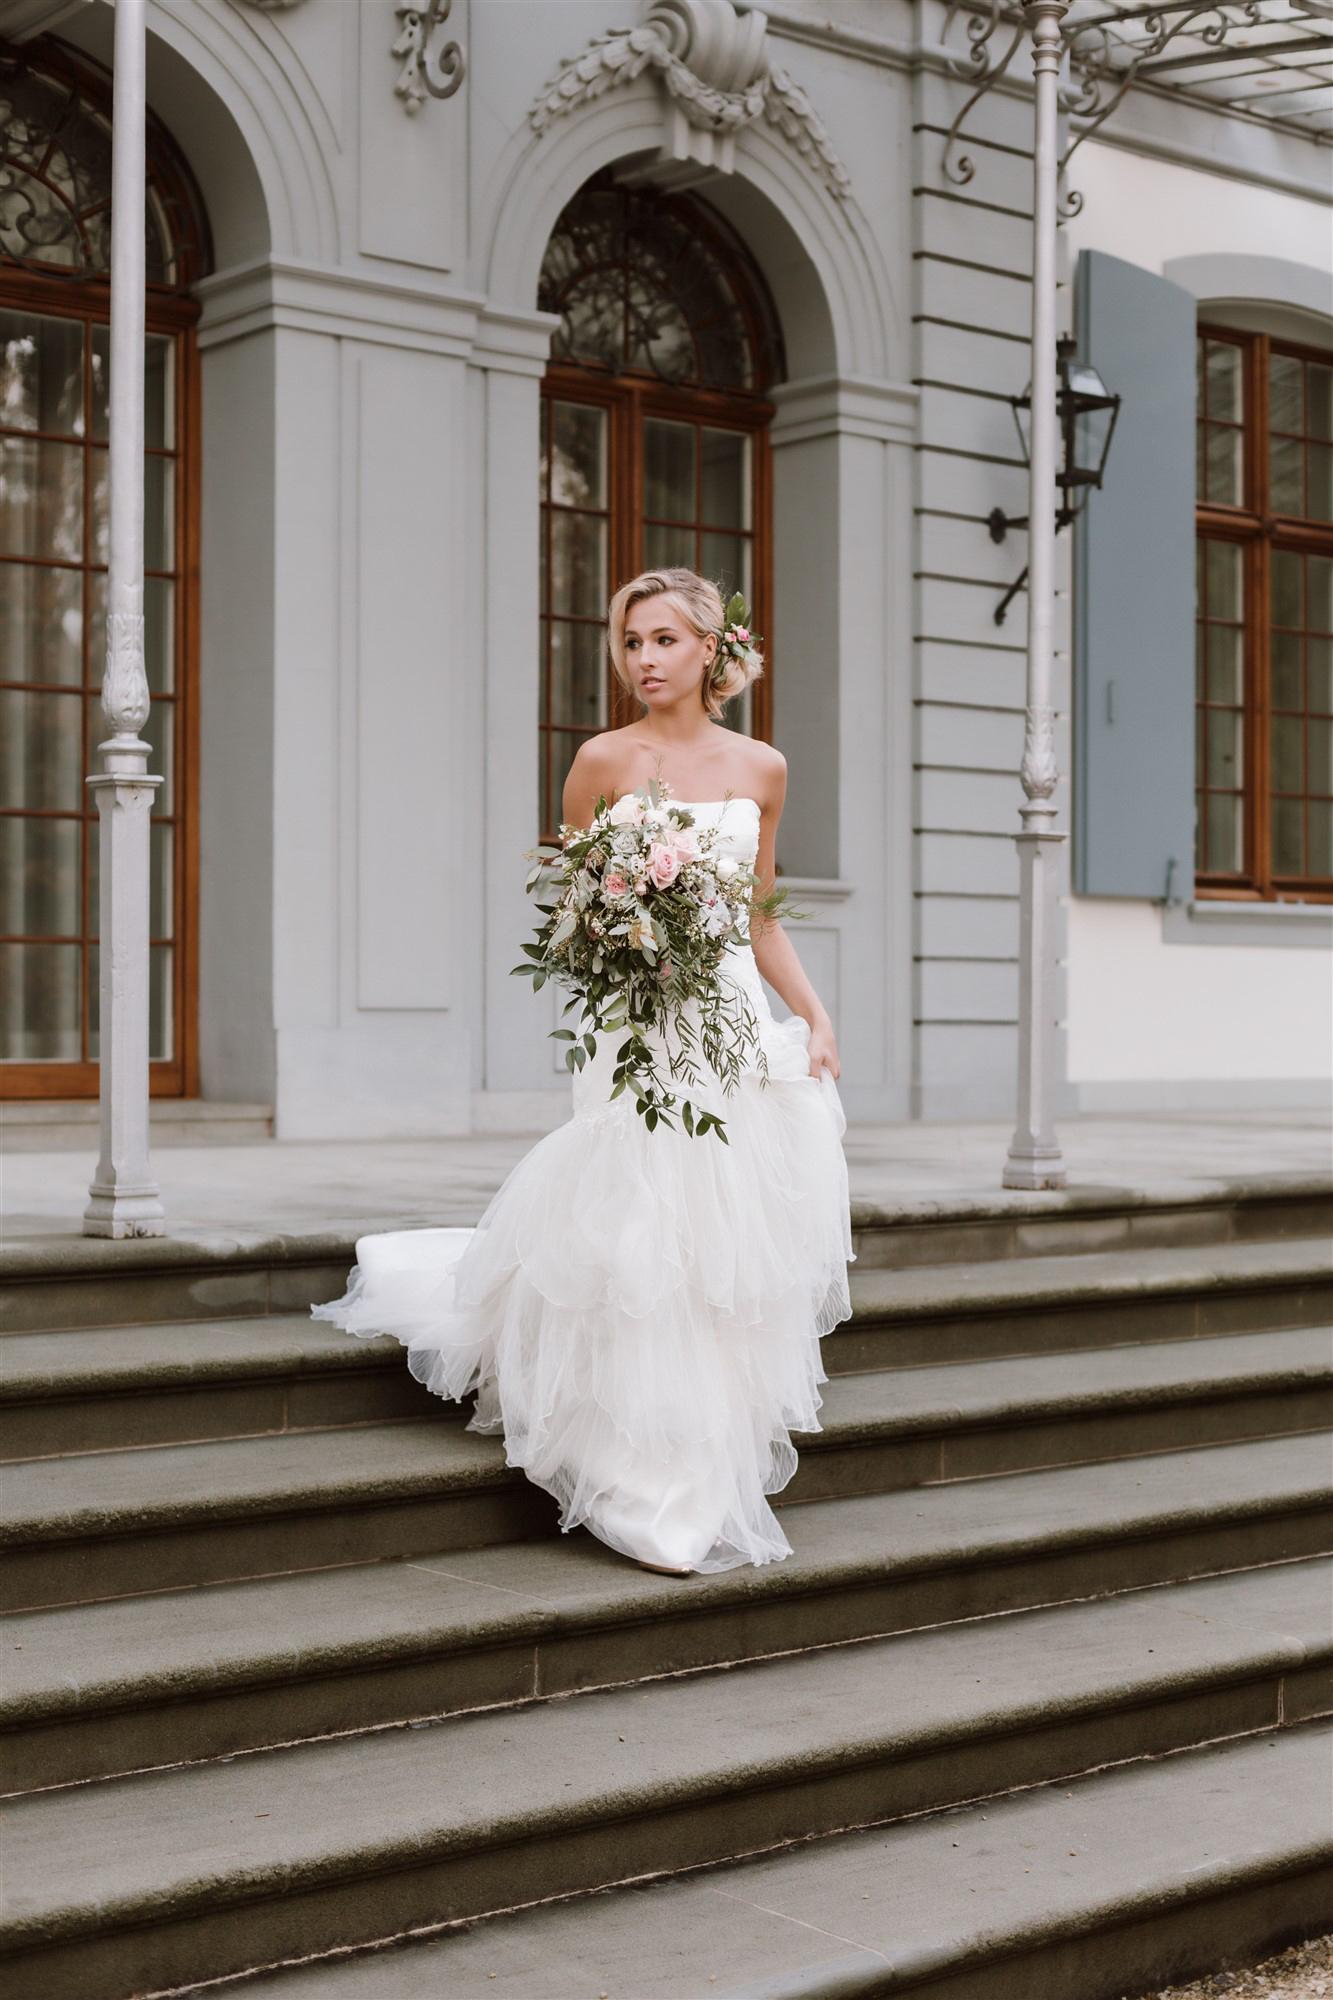 Die Braut kommt die Treppe hinunter